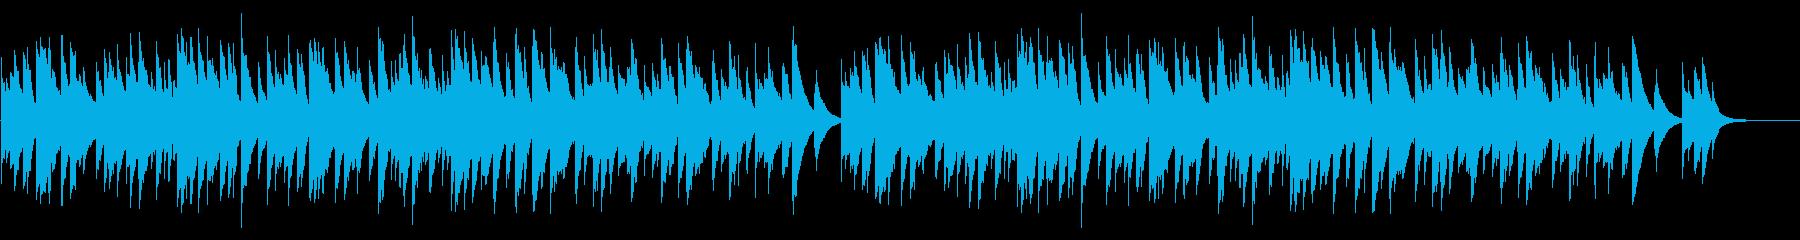 豪華なオルゴールの感動バラードの再生済みの波形